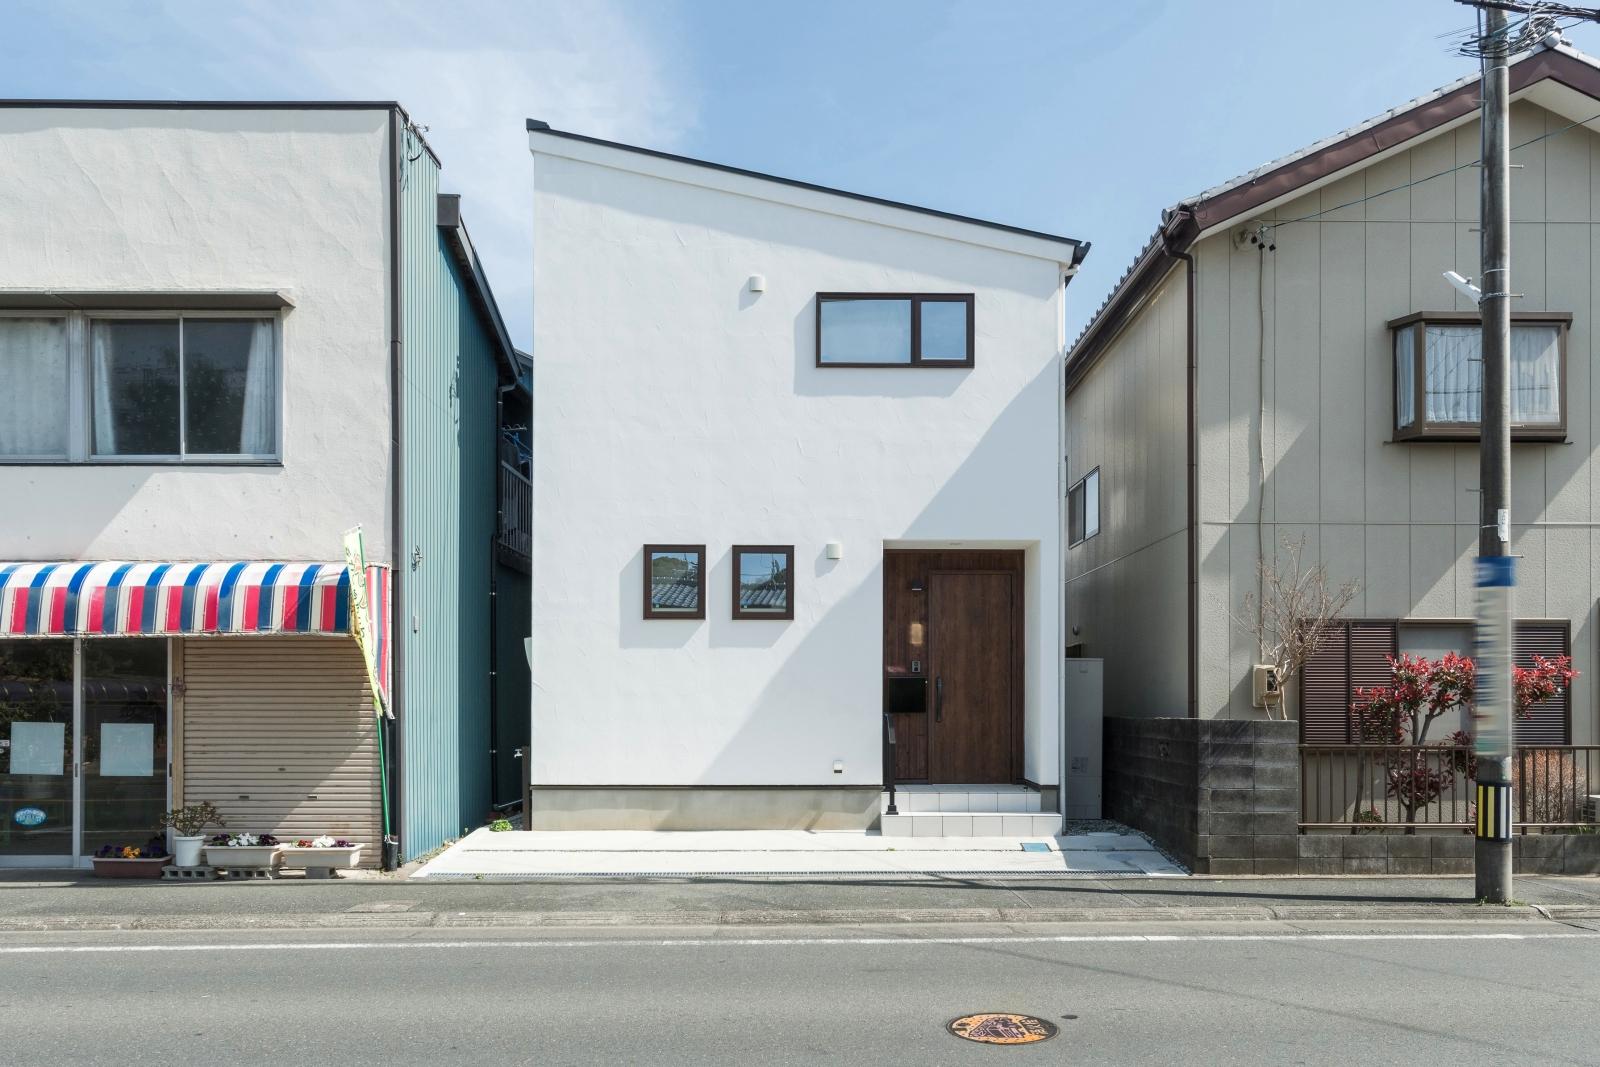 24坪の狭小地に建てた コンパクトな家